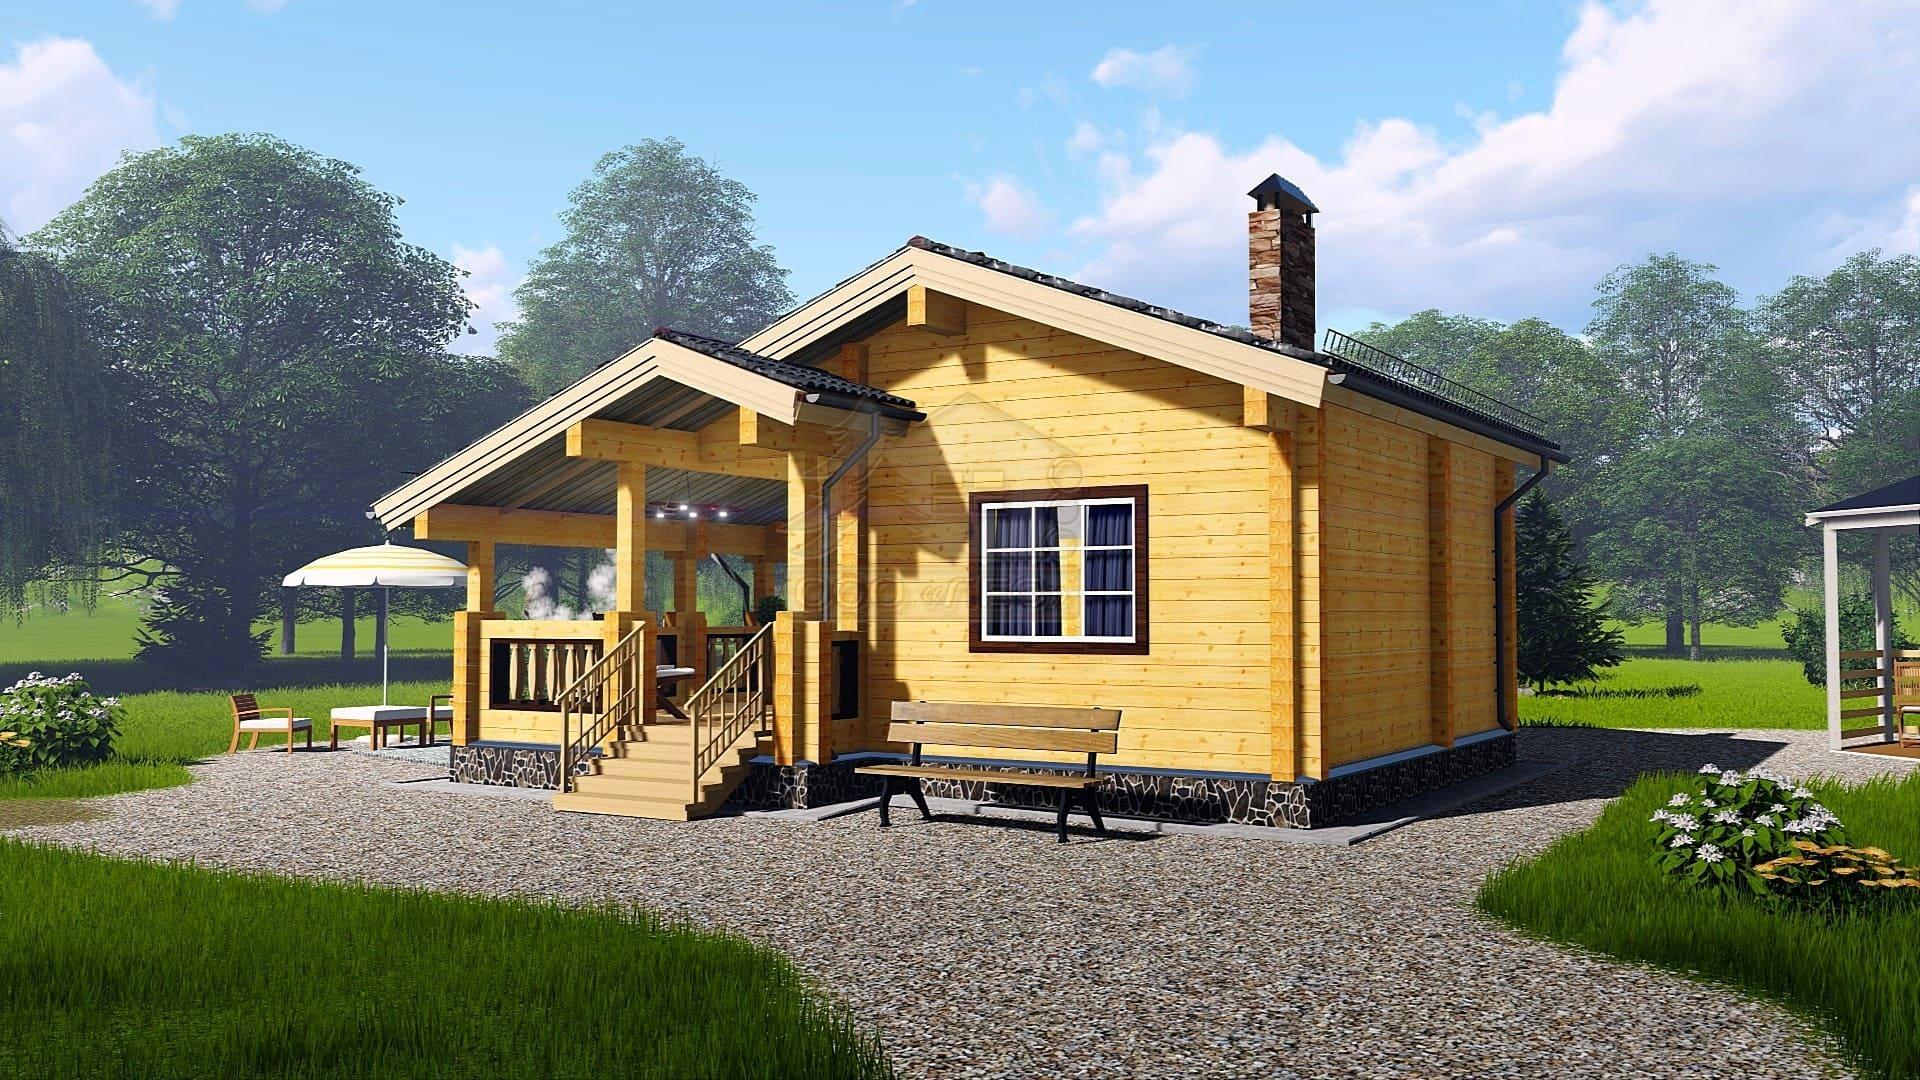 Всё о домах из бруса с мансардой: от выбора материалов до строительства и планировки